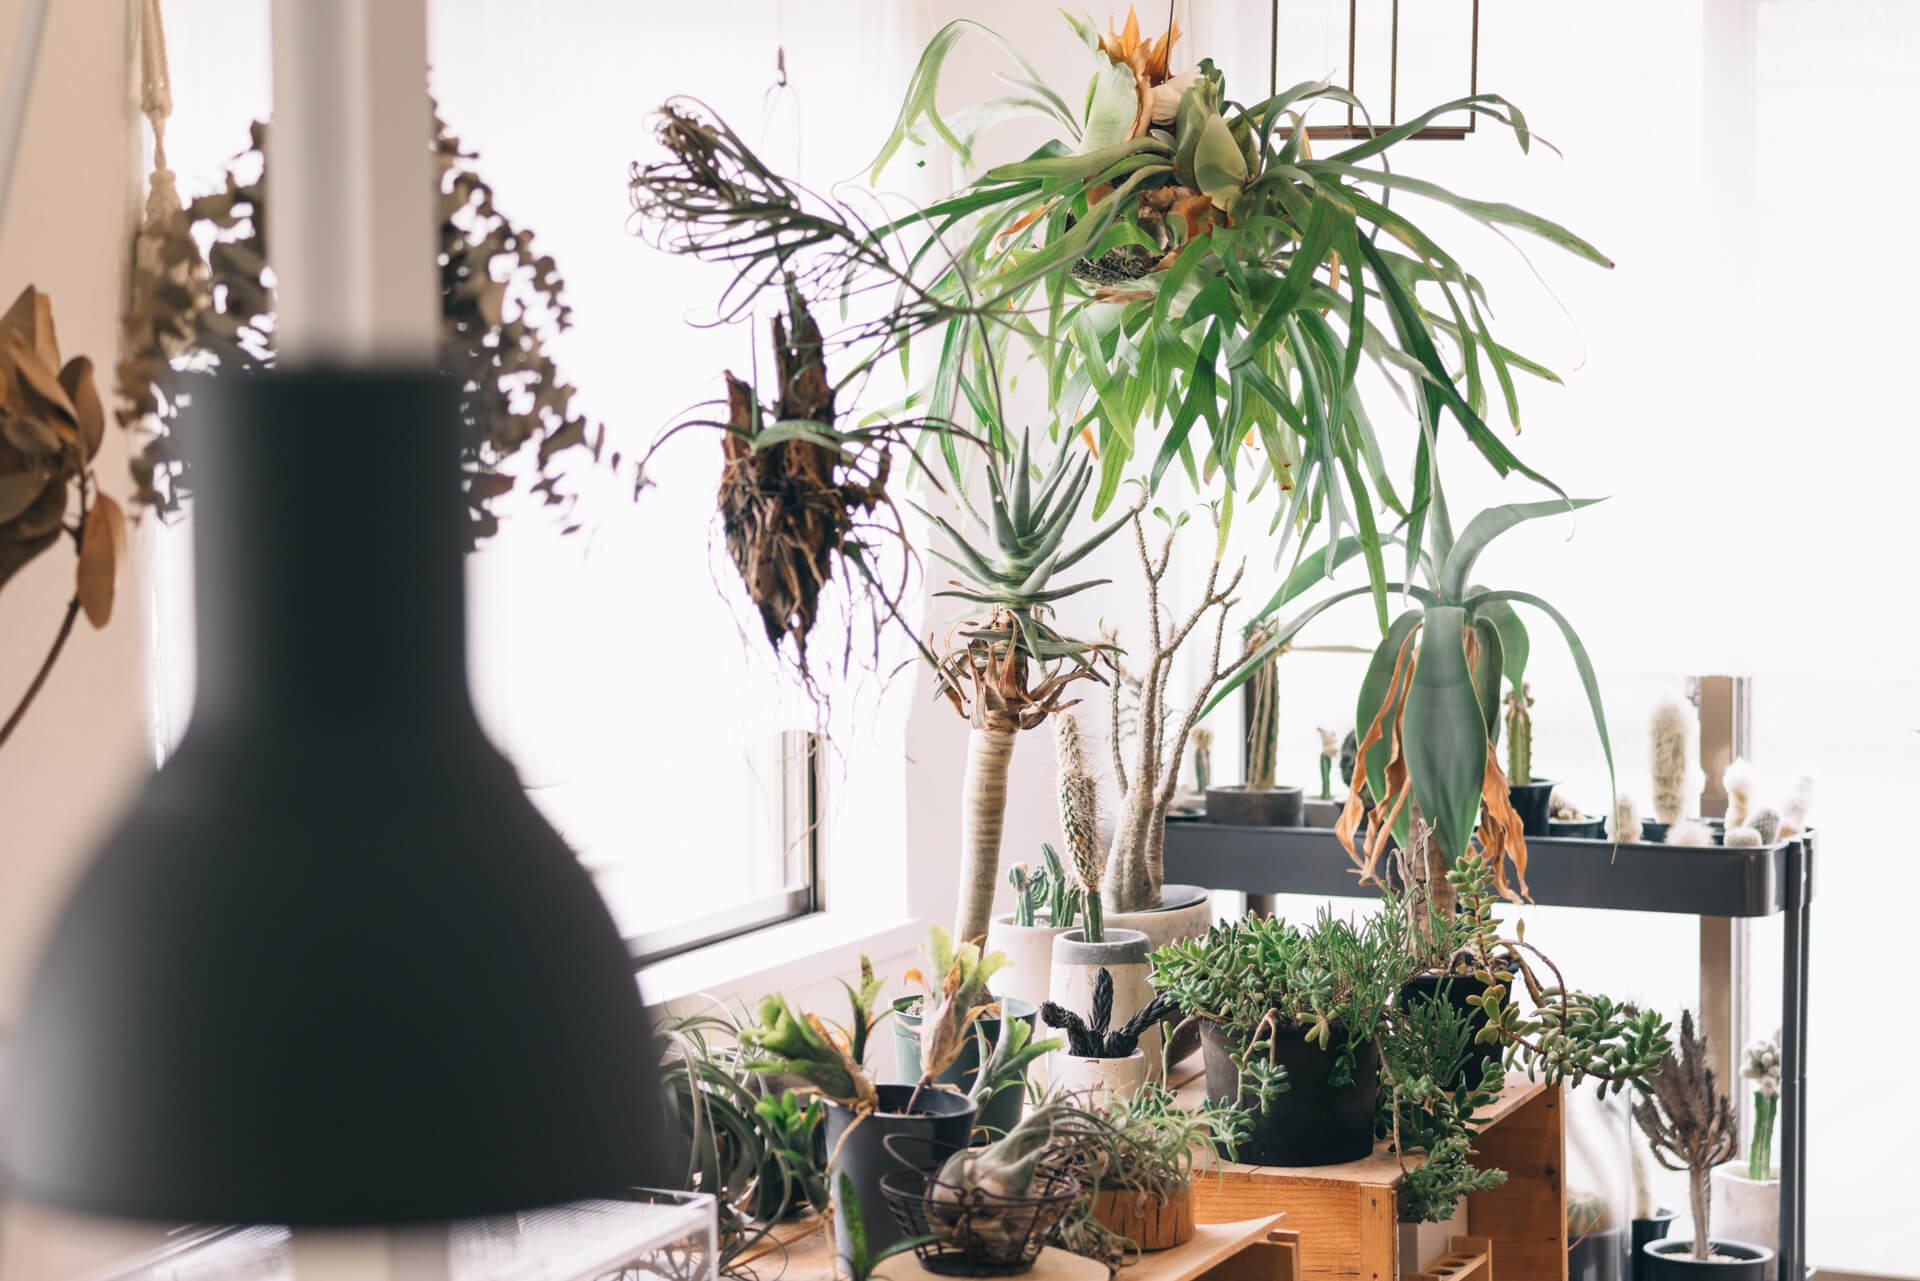 植物に毎日霧吹きで水をあげるだけでも、湿度はかなりコントロールできますよ(このお部屋はこちら)